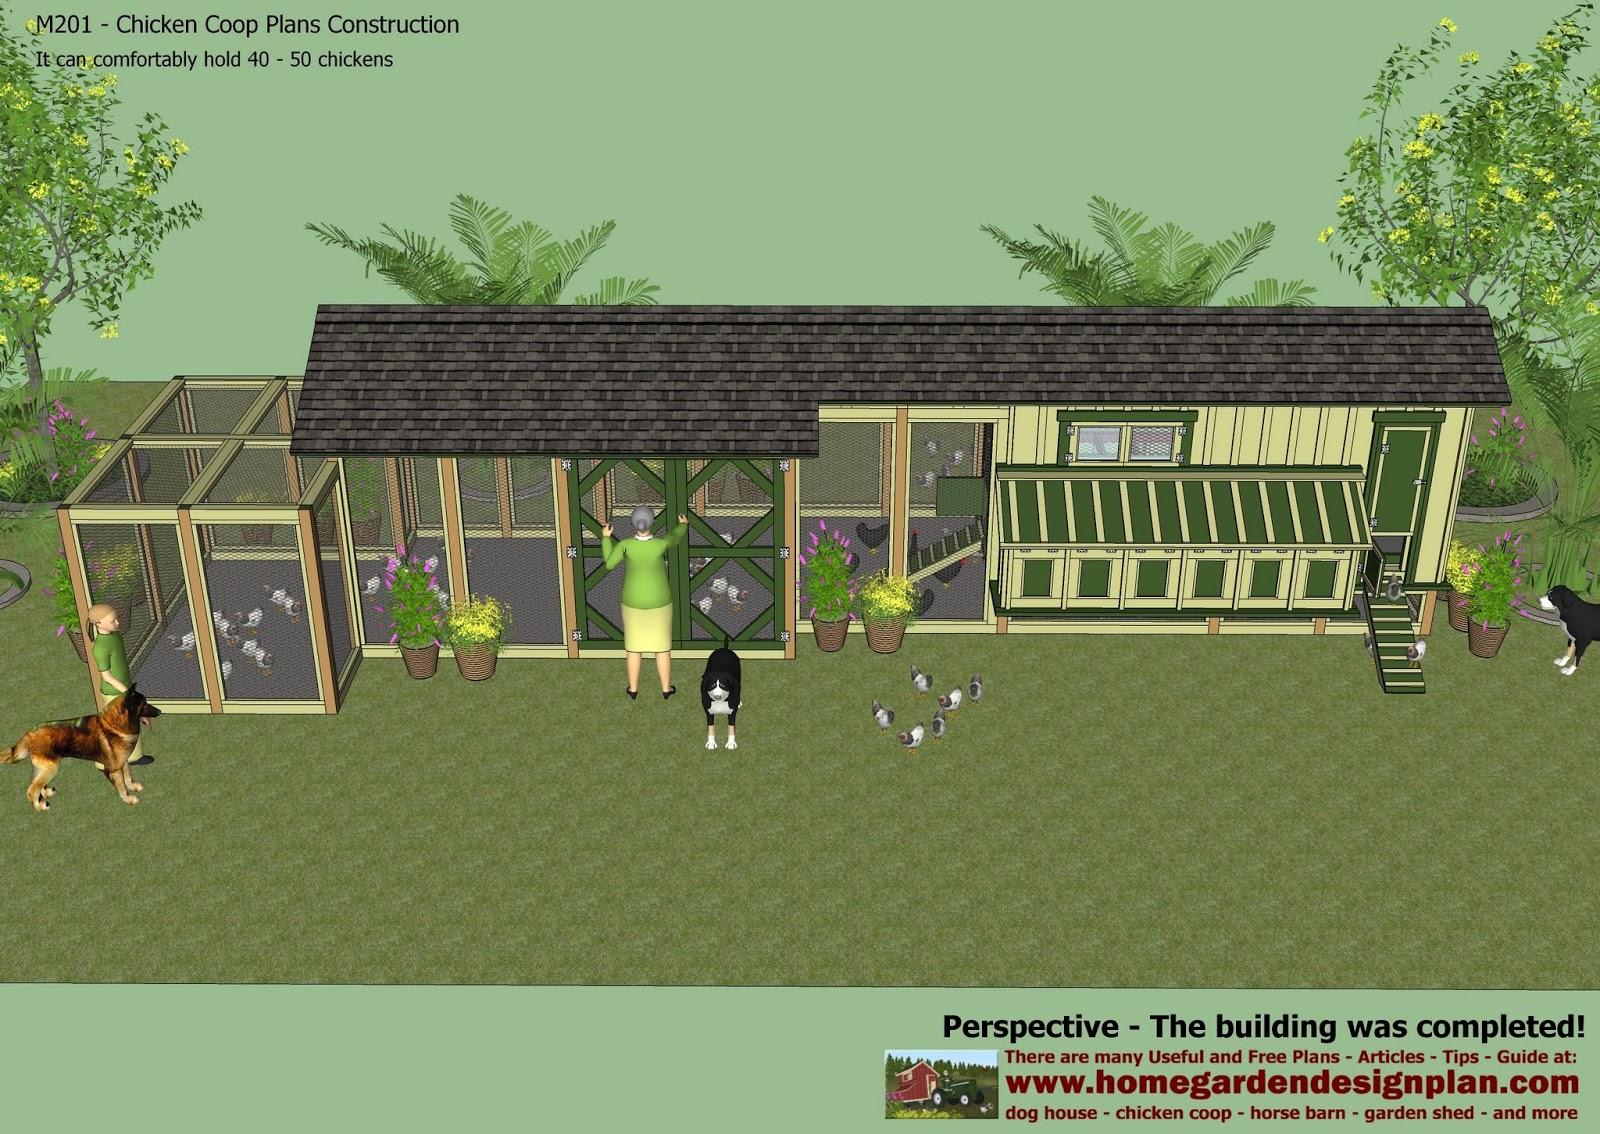 Home garden design plan chicken coops pdf for Home garden design pdf